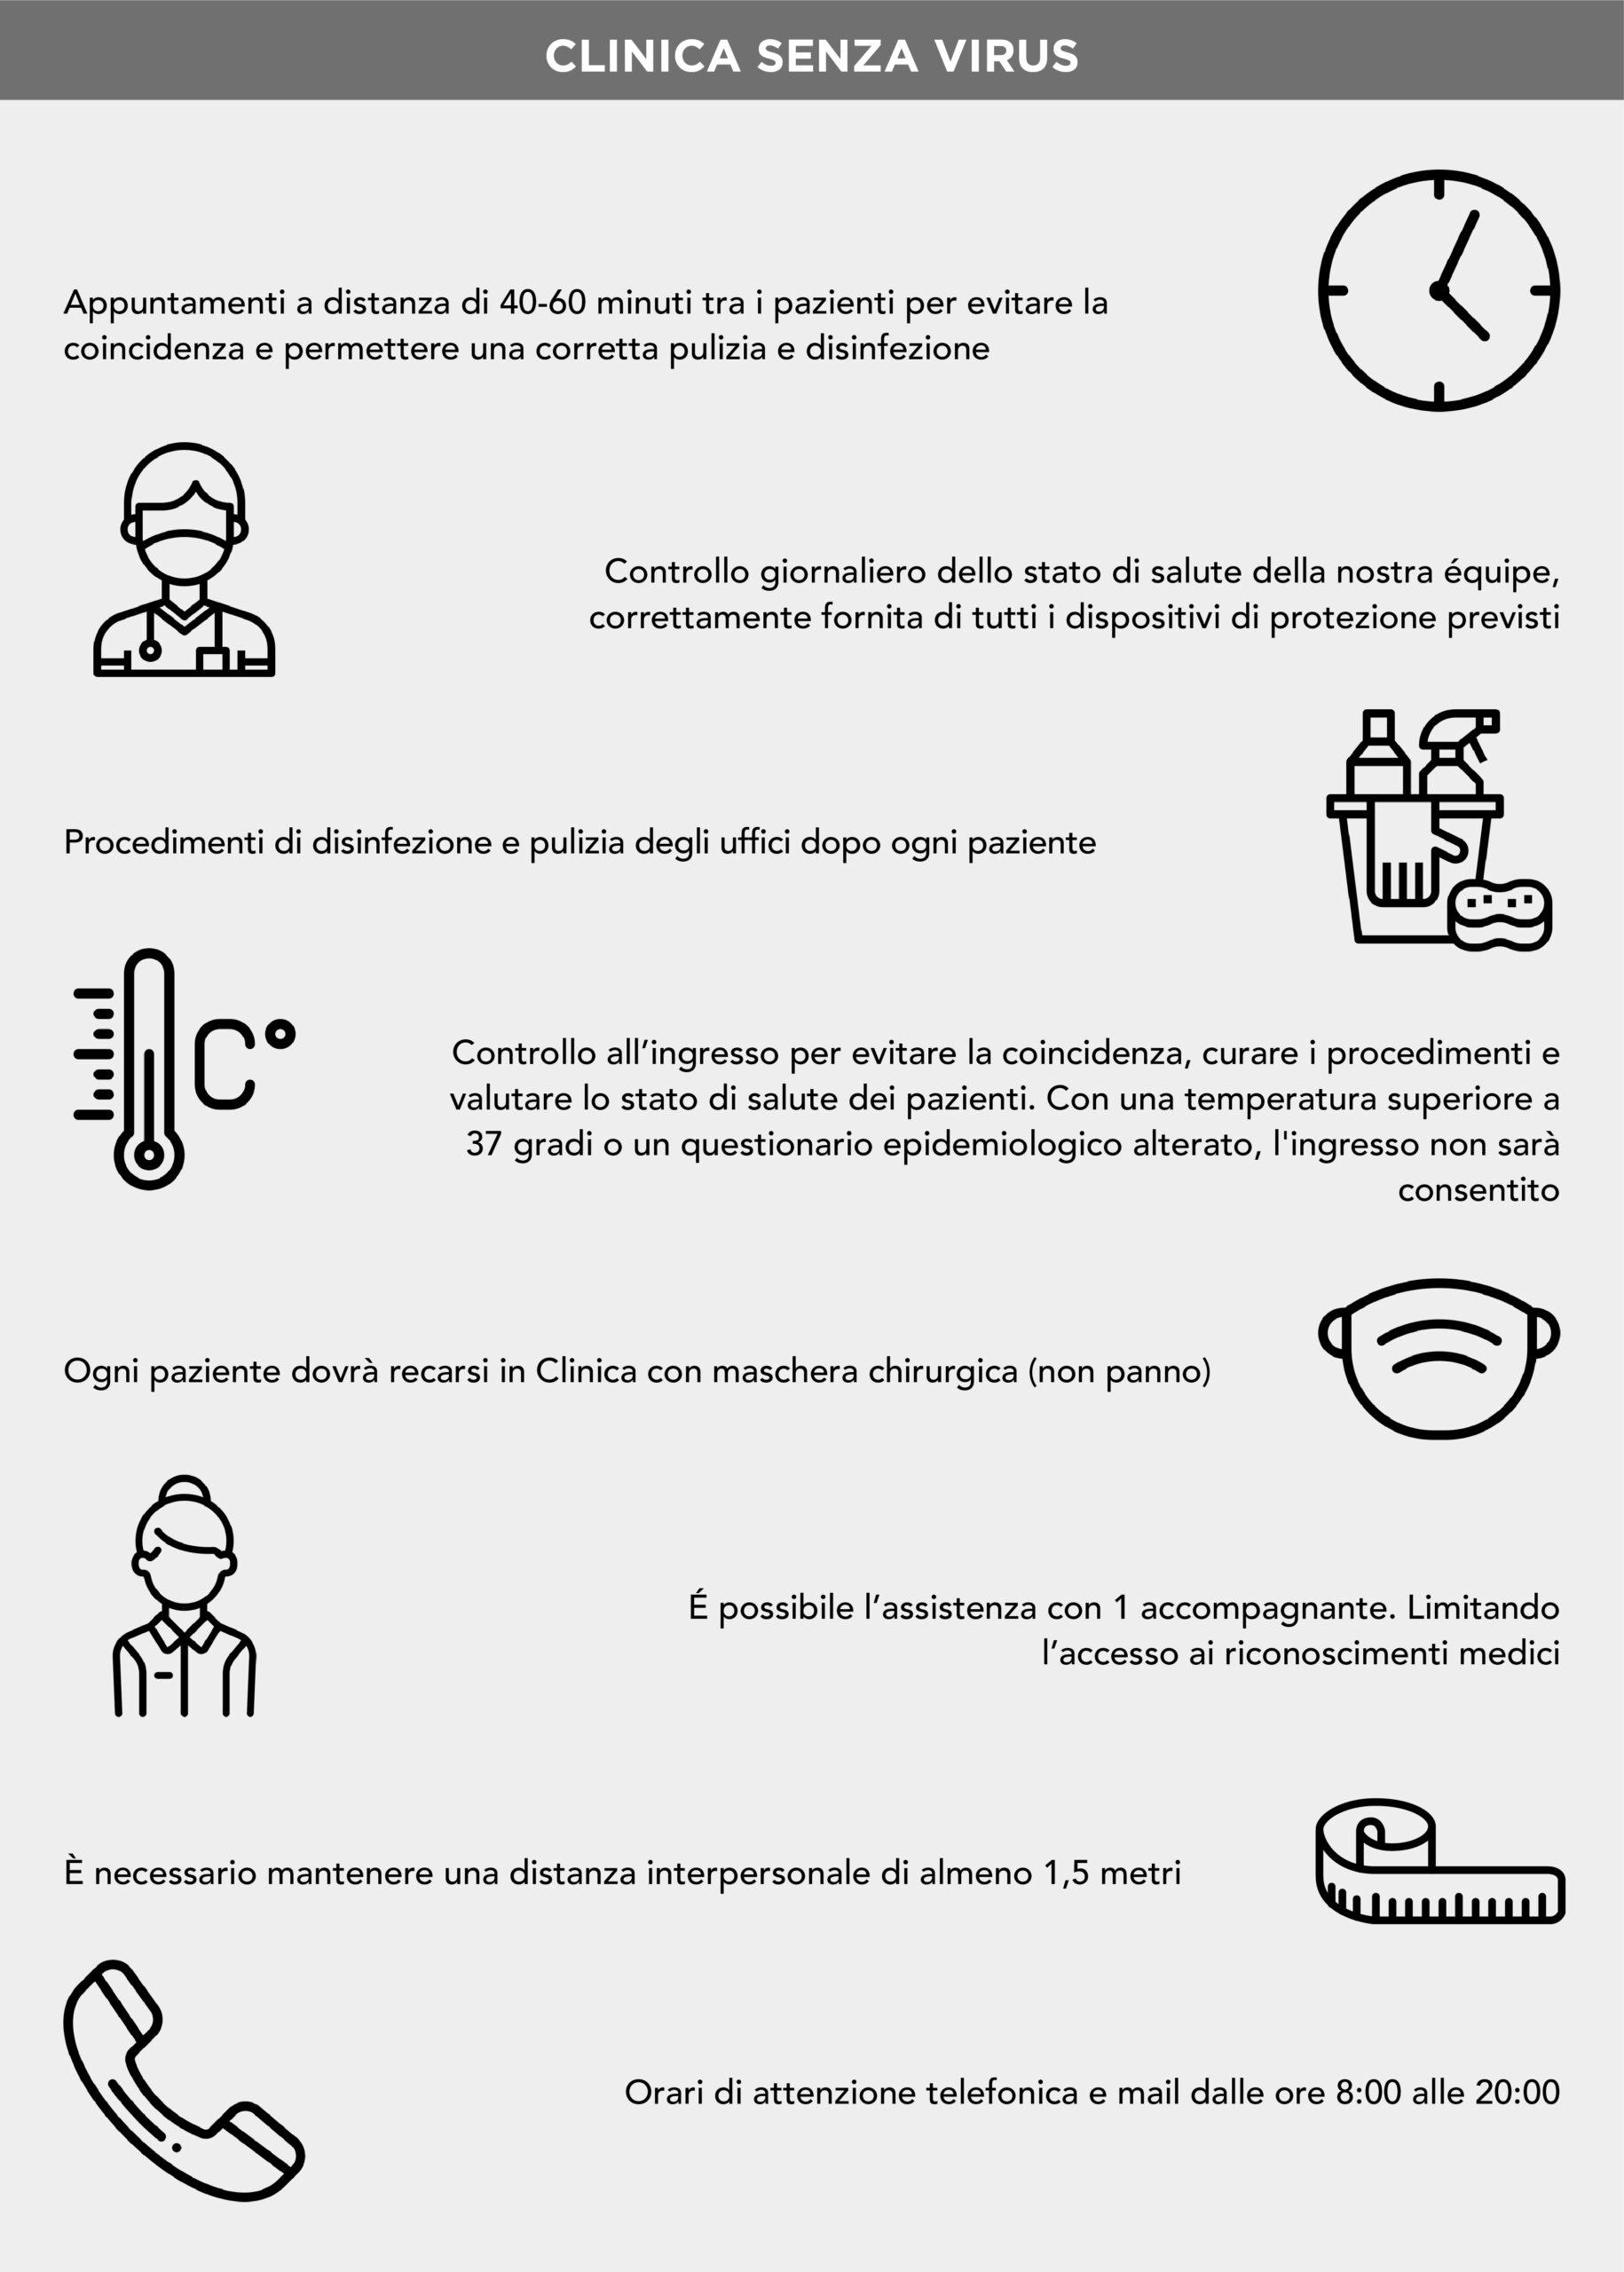 Clinica senza virus Instituto Bernabeu